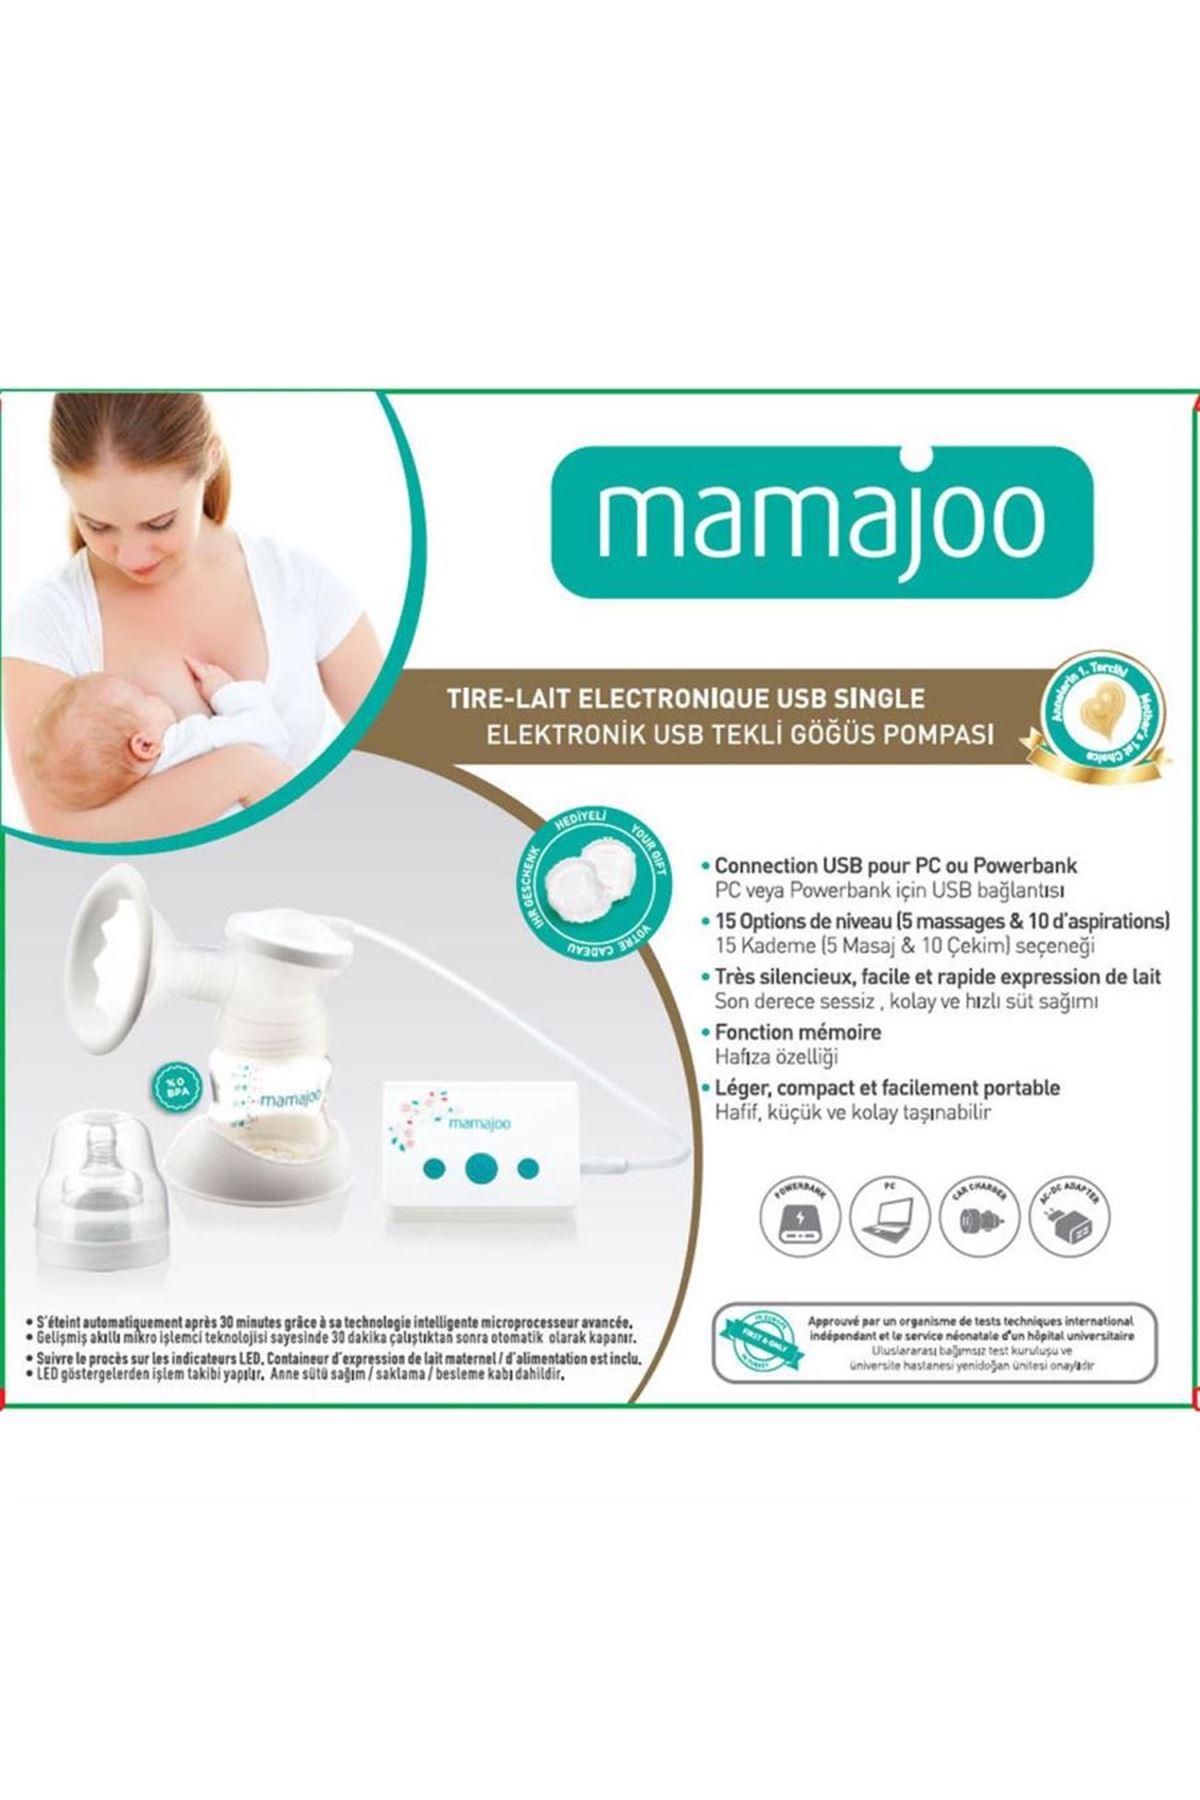 Mamajoo Elektronik USB Tekli Göğüs Pompası